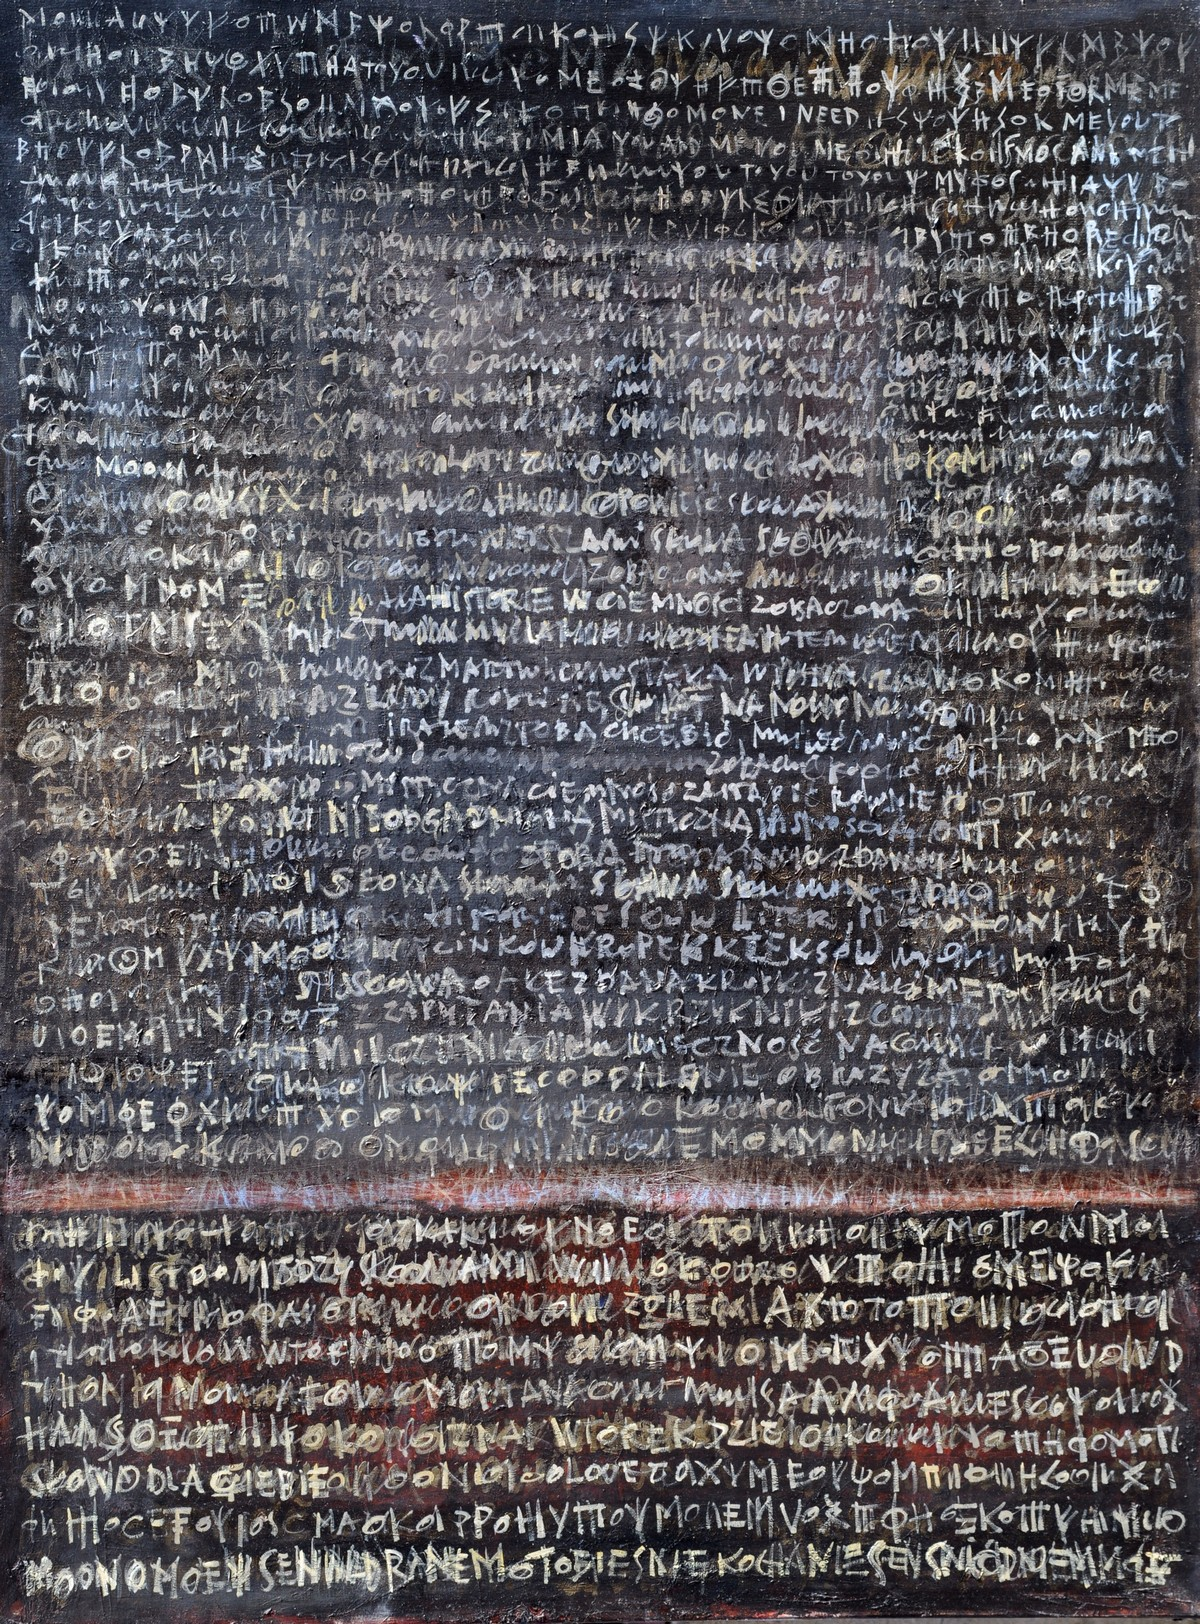 """Małgorzata Maćkowiak, """"Znak w przestrzeni pojęć"""", 2009 (źródło: materiały prasowe organizatora)"""